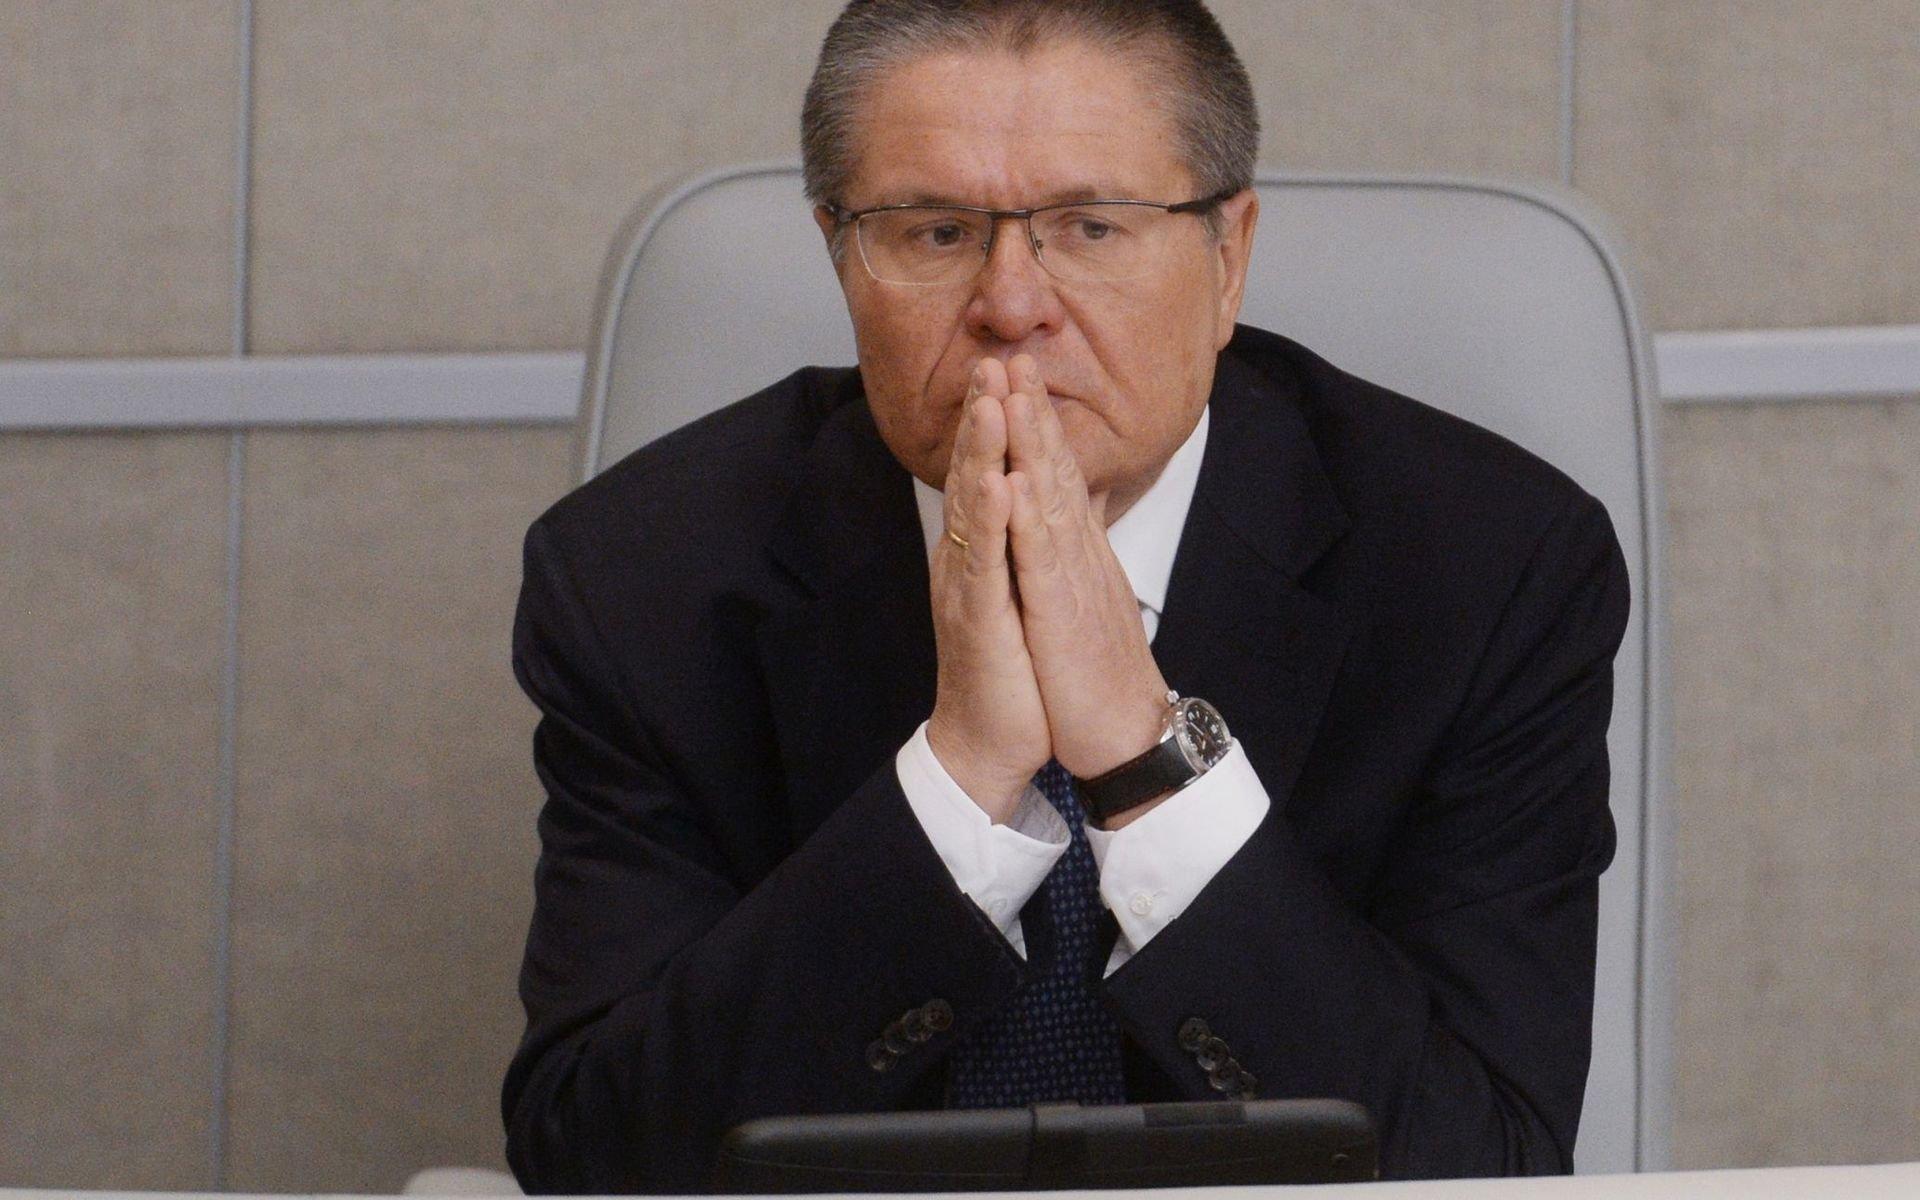 Сторона обвинения небудет обжаловать вердикт Улюкаеву